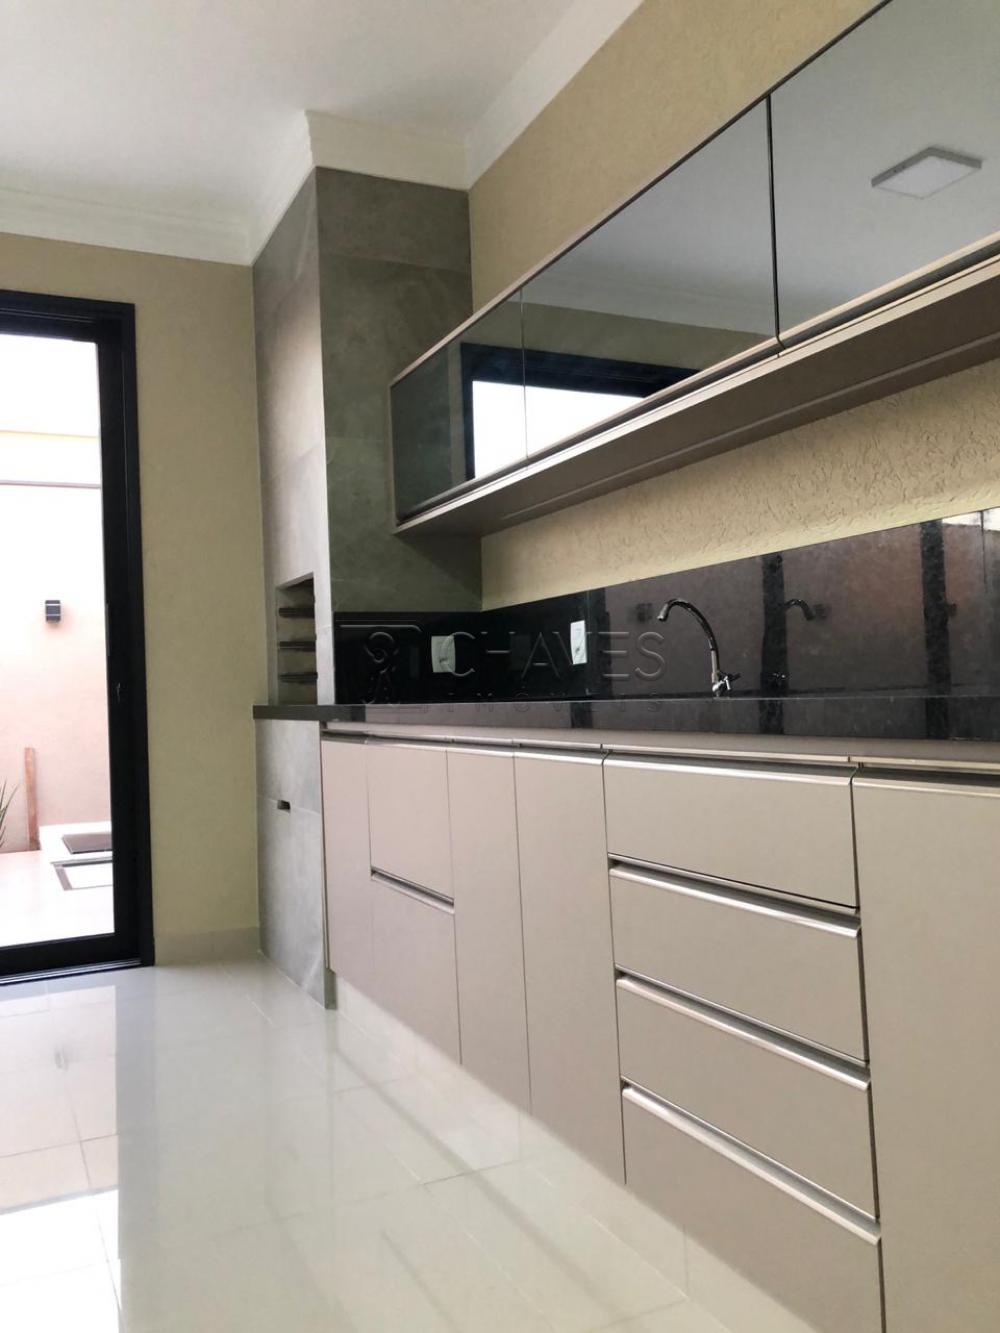 Comprar Casa / Condomínio em Bonfim Paulista apenas R$ 780.000,00 - Foto 13